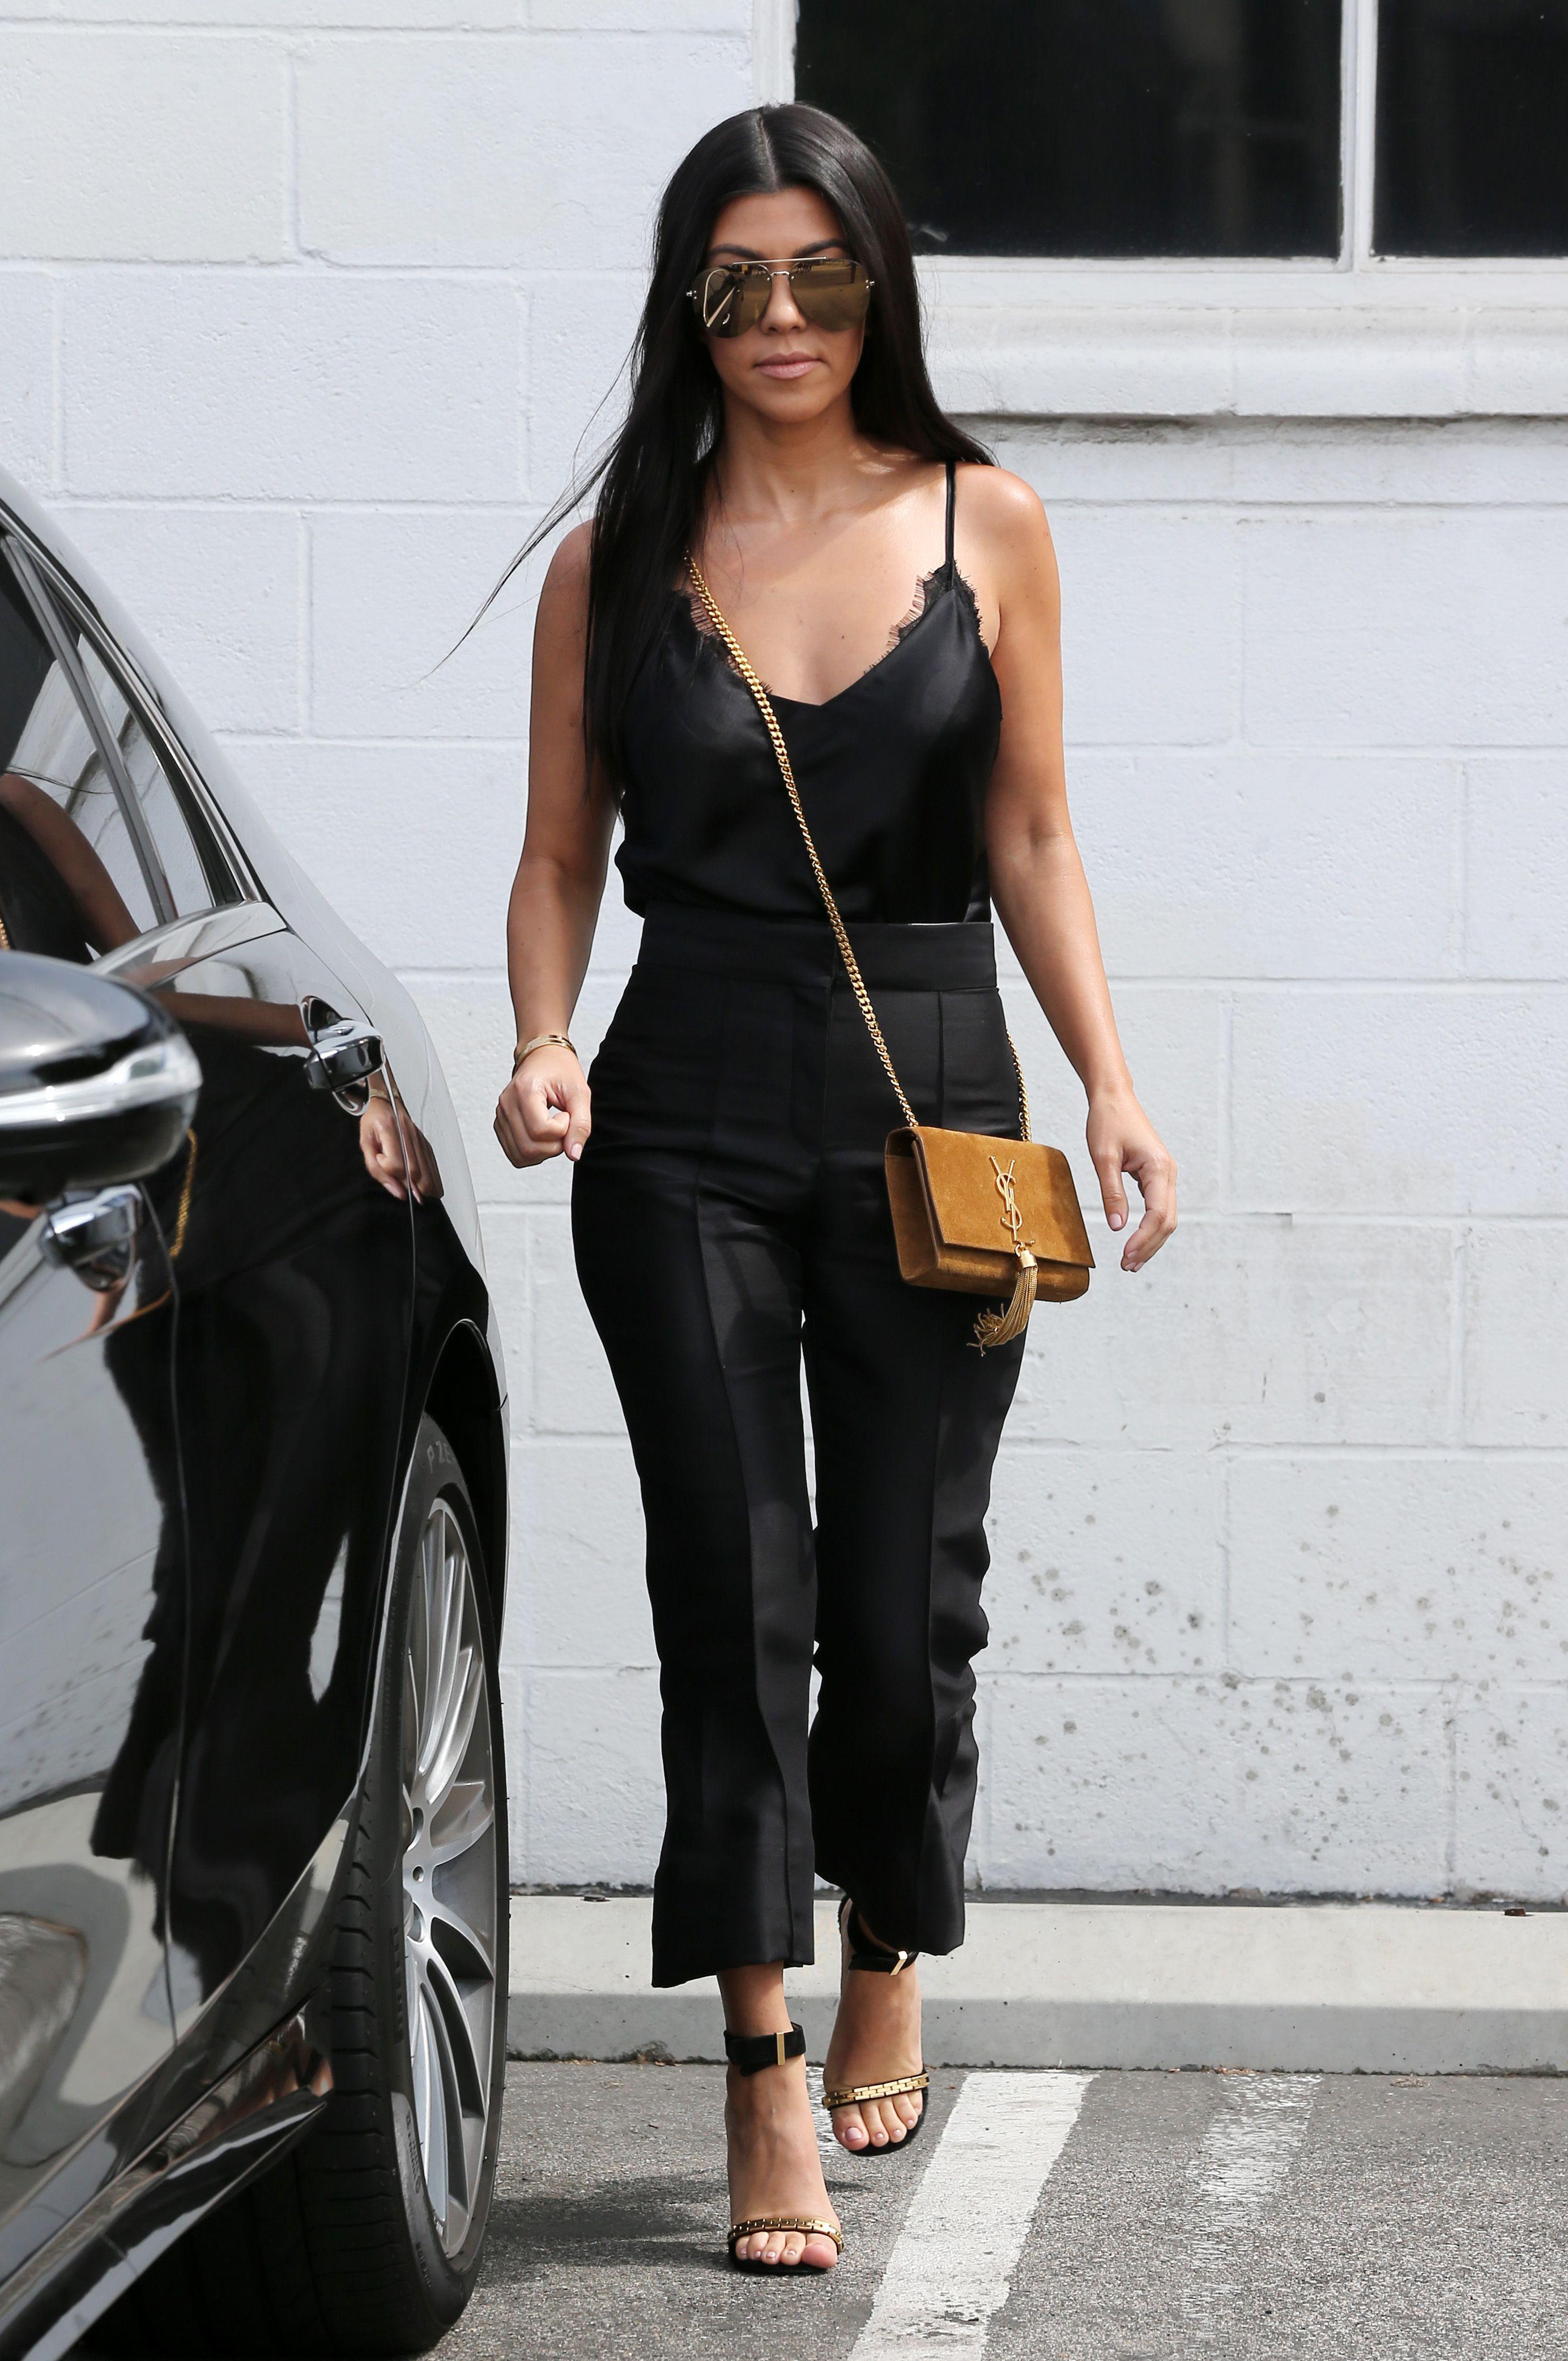 Best Looks Kourtney Kardashian Kardashian Fashion Kourtney Kardashian And Fashion Photo